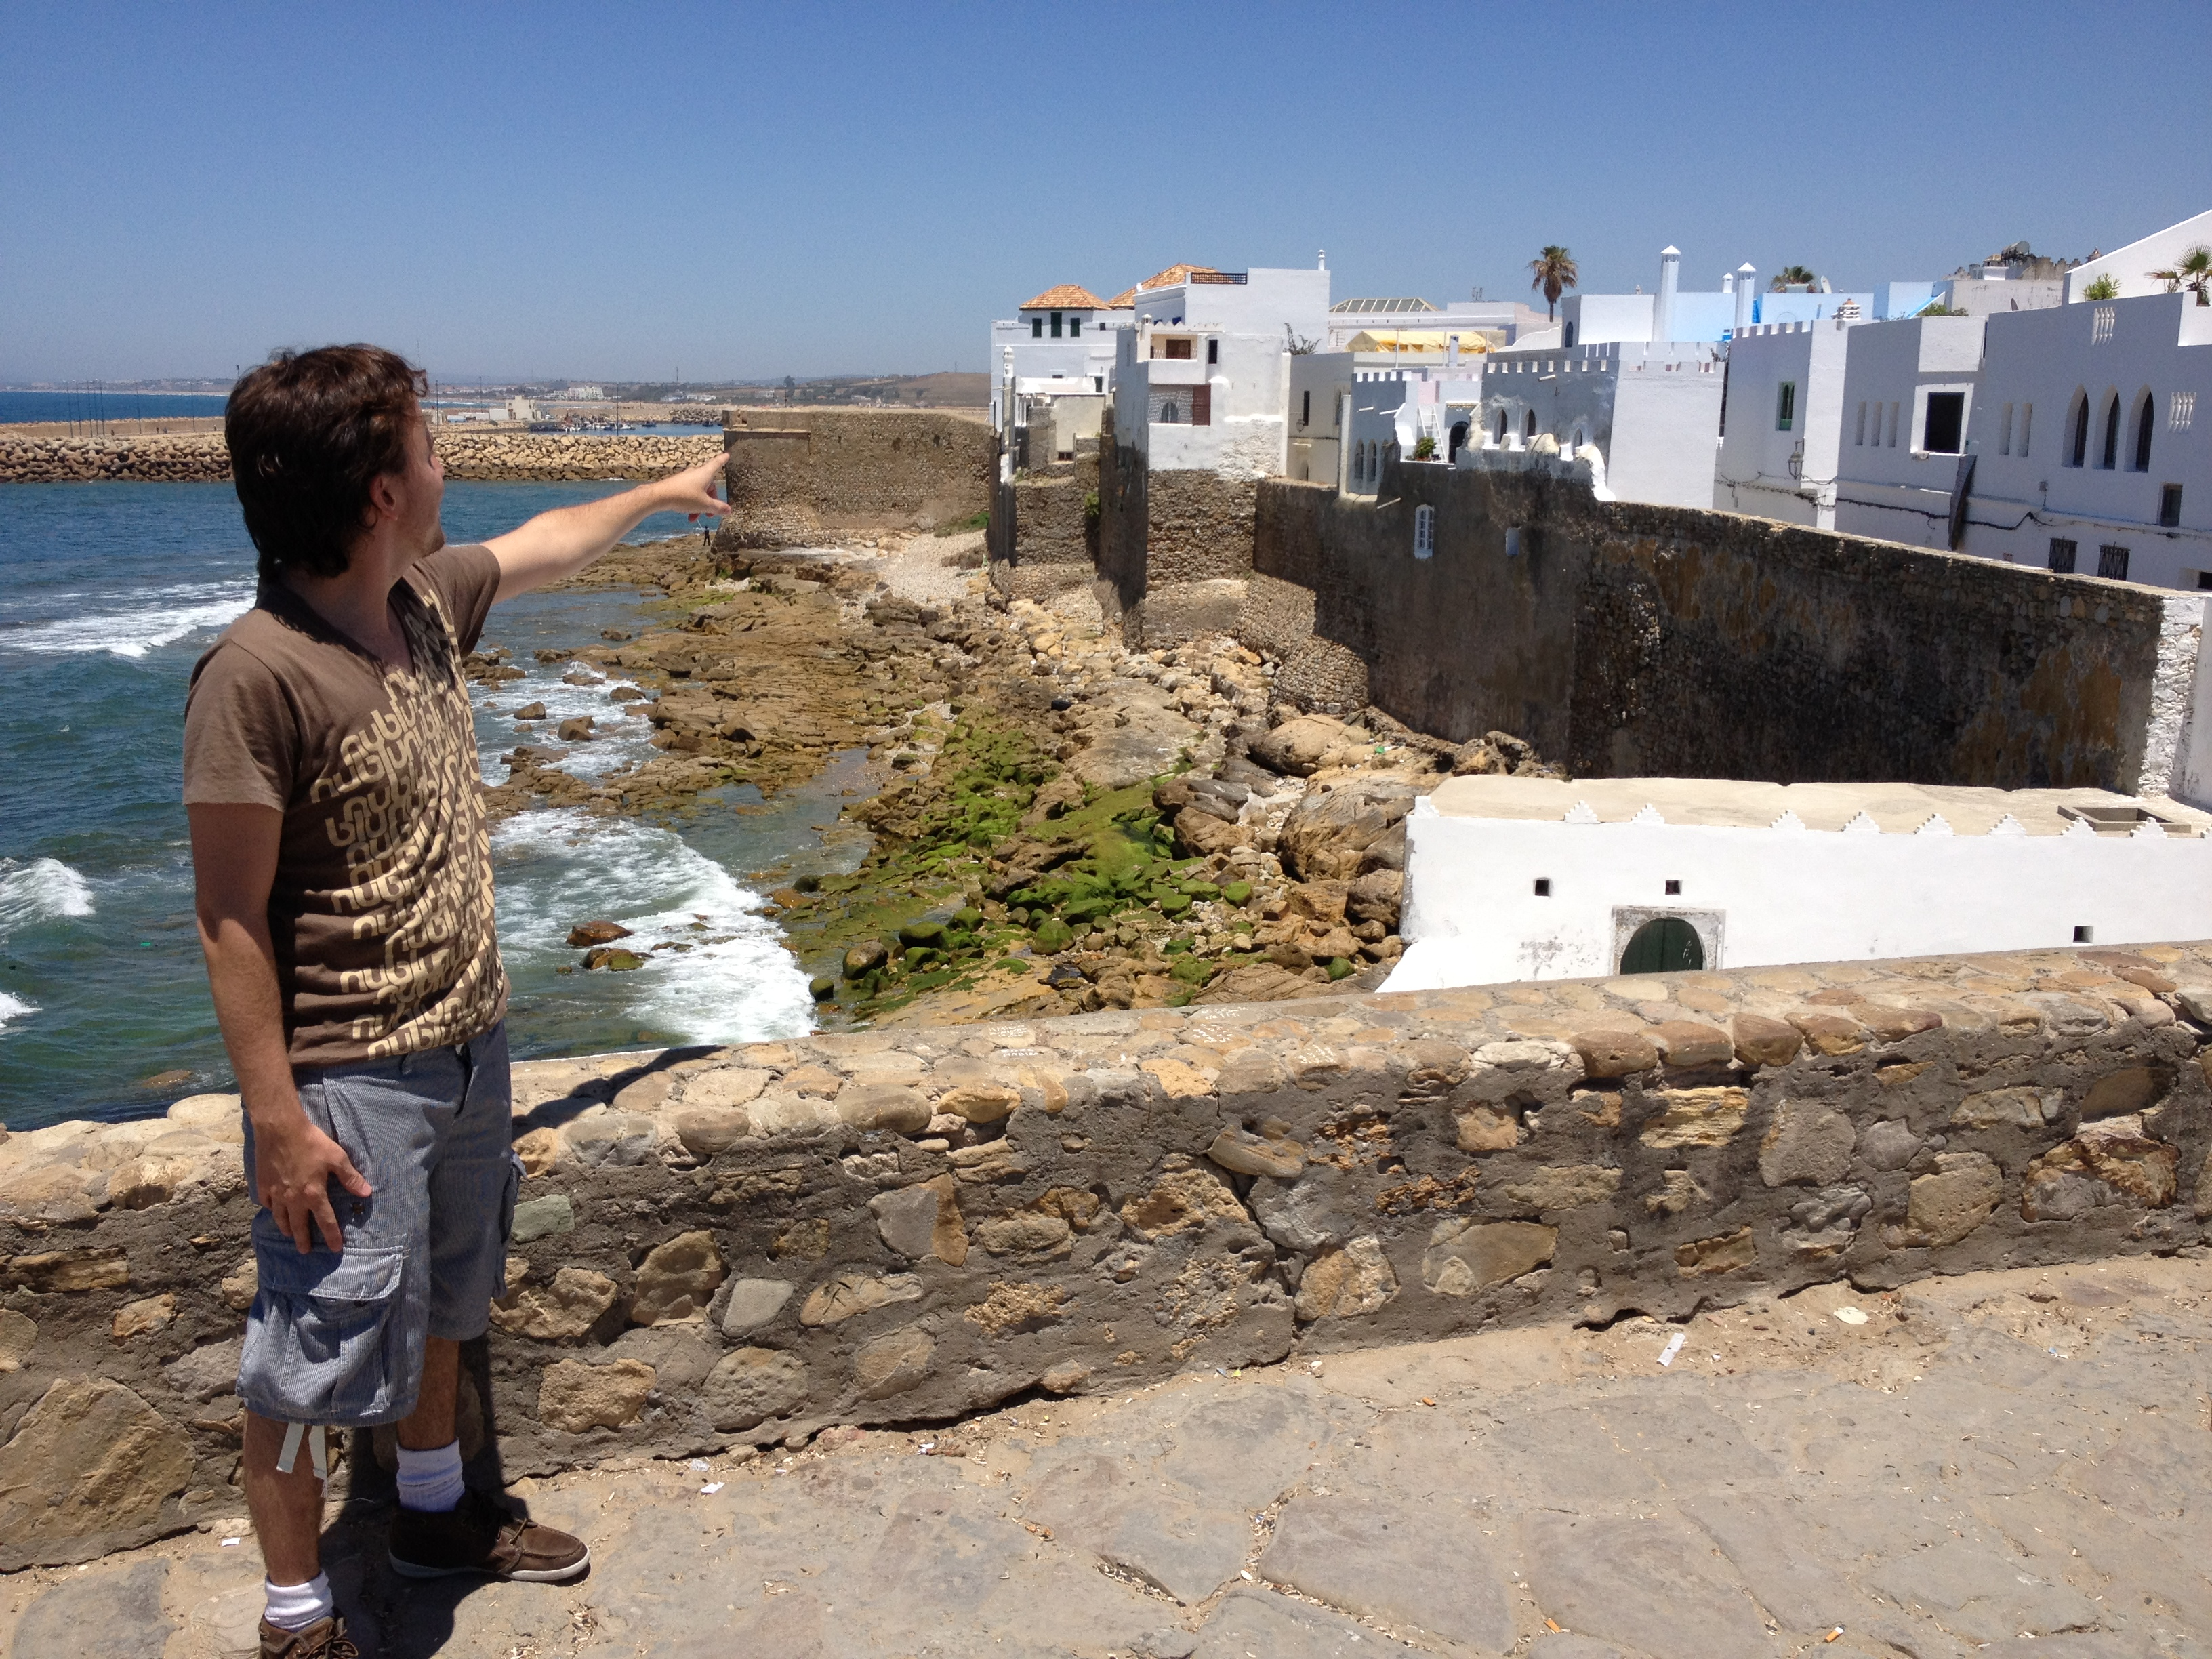 Muralhas de Assilah, no litoral Marroquino, antiga praça portuguesa